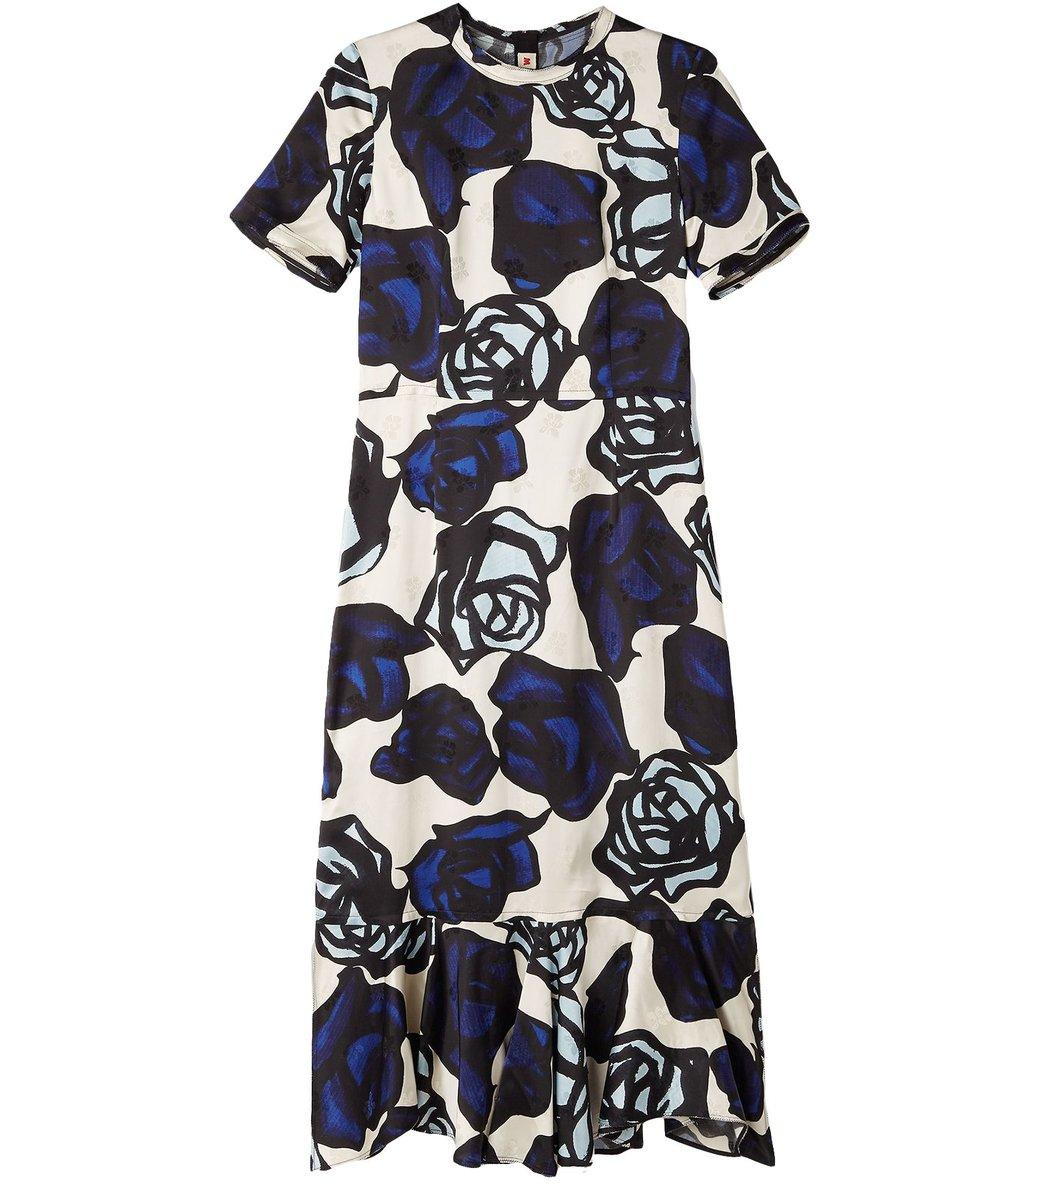 Marni Flounced Dress in Roma Print